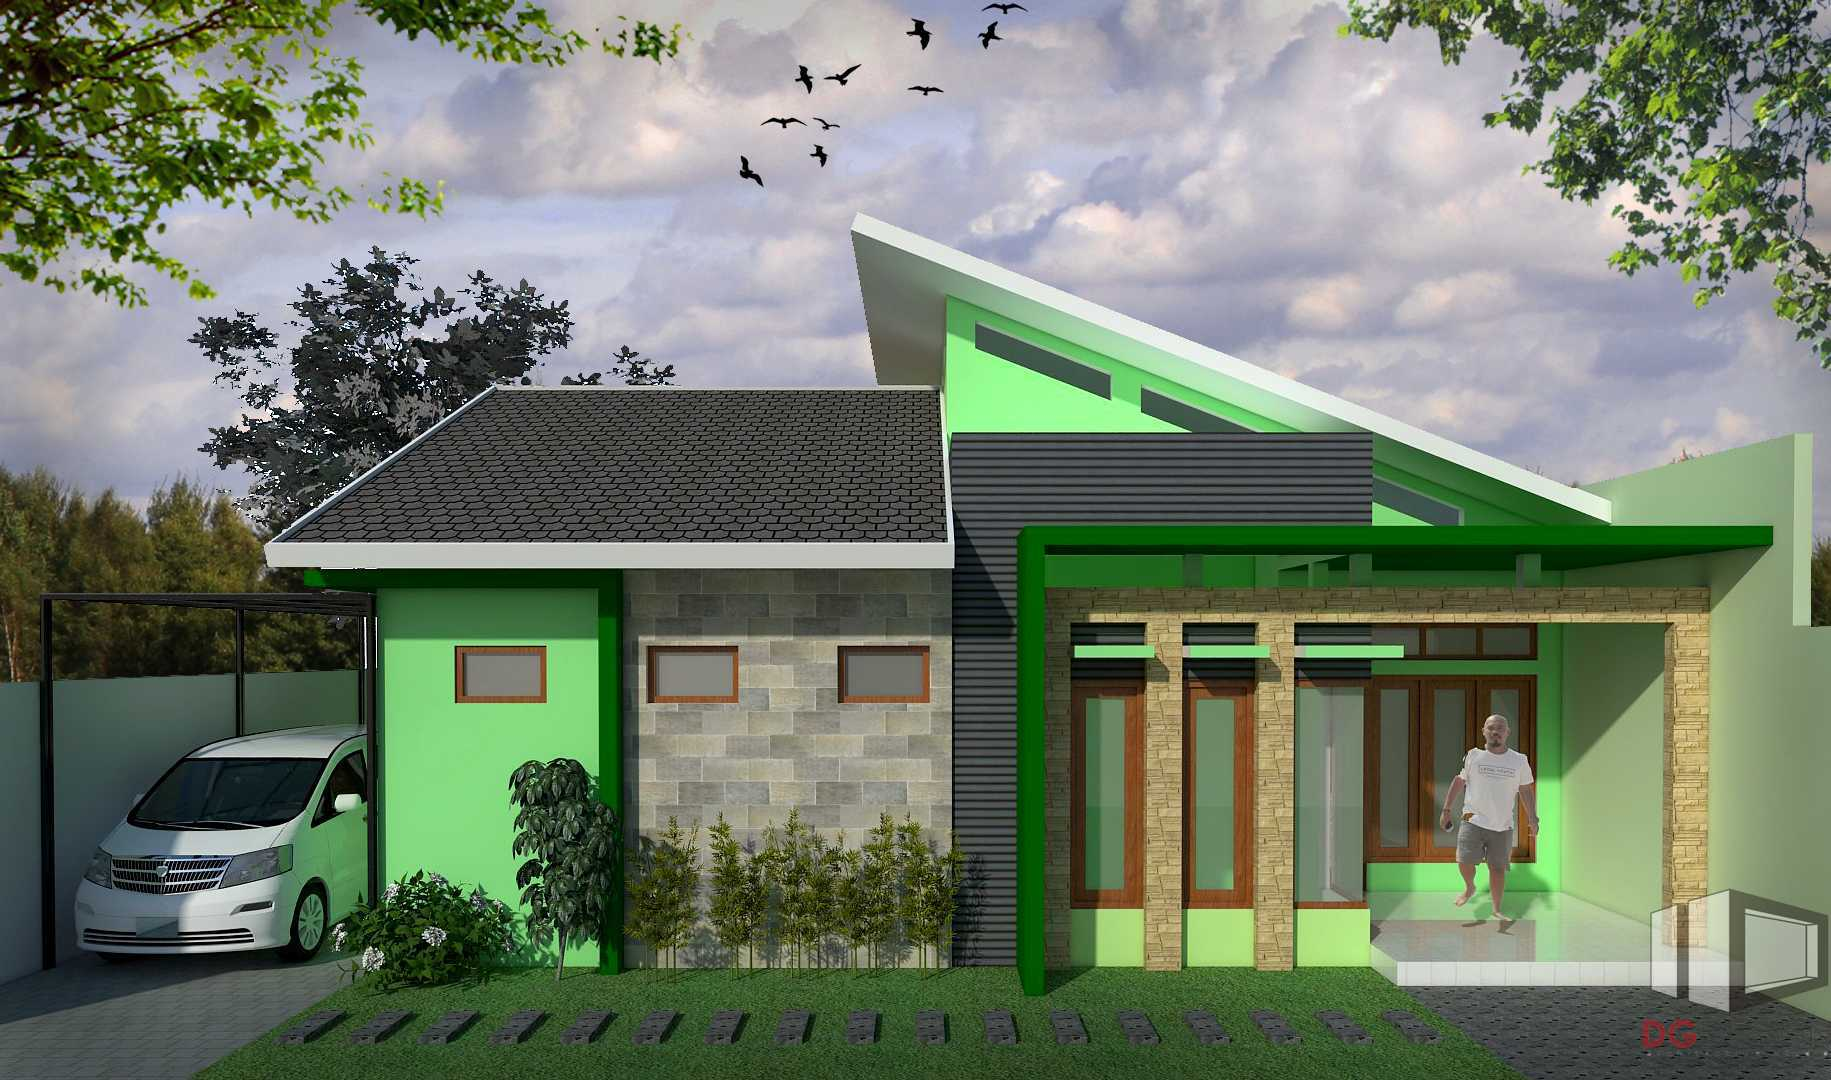 Jasa Arsitek DG DESIGN ARSITEKTUR di Surakarta